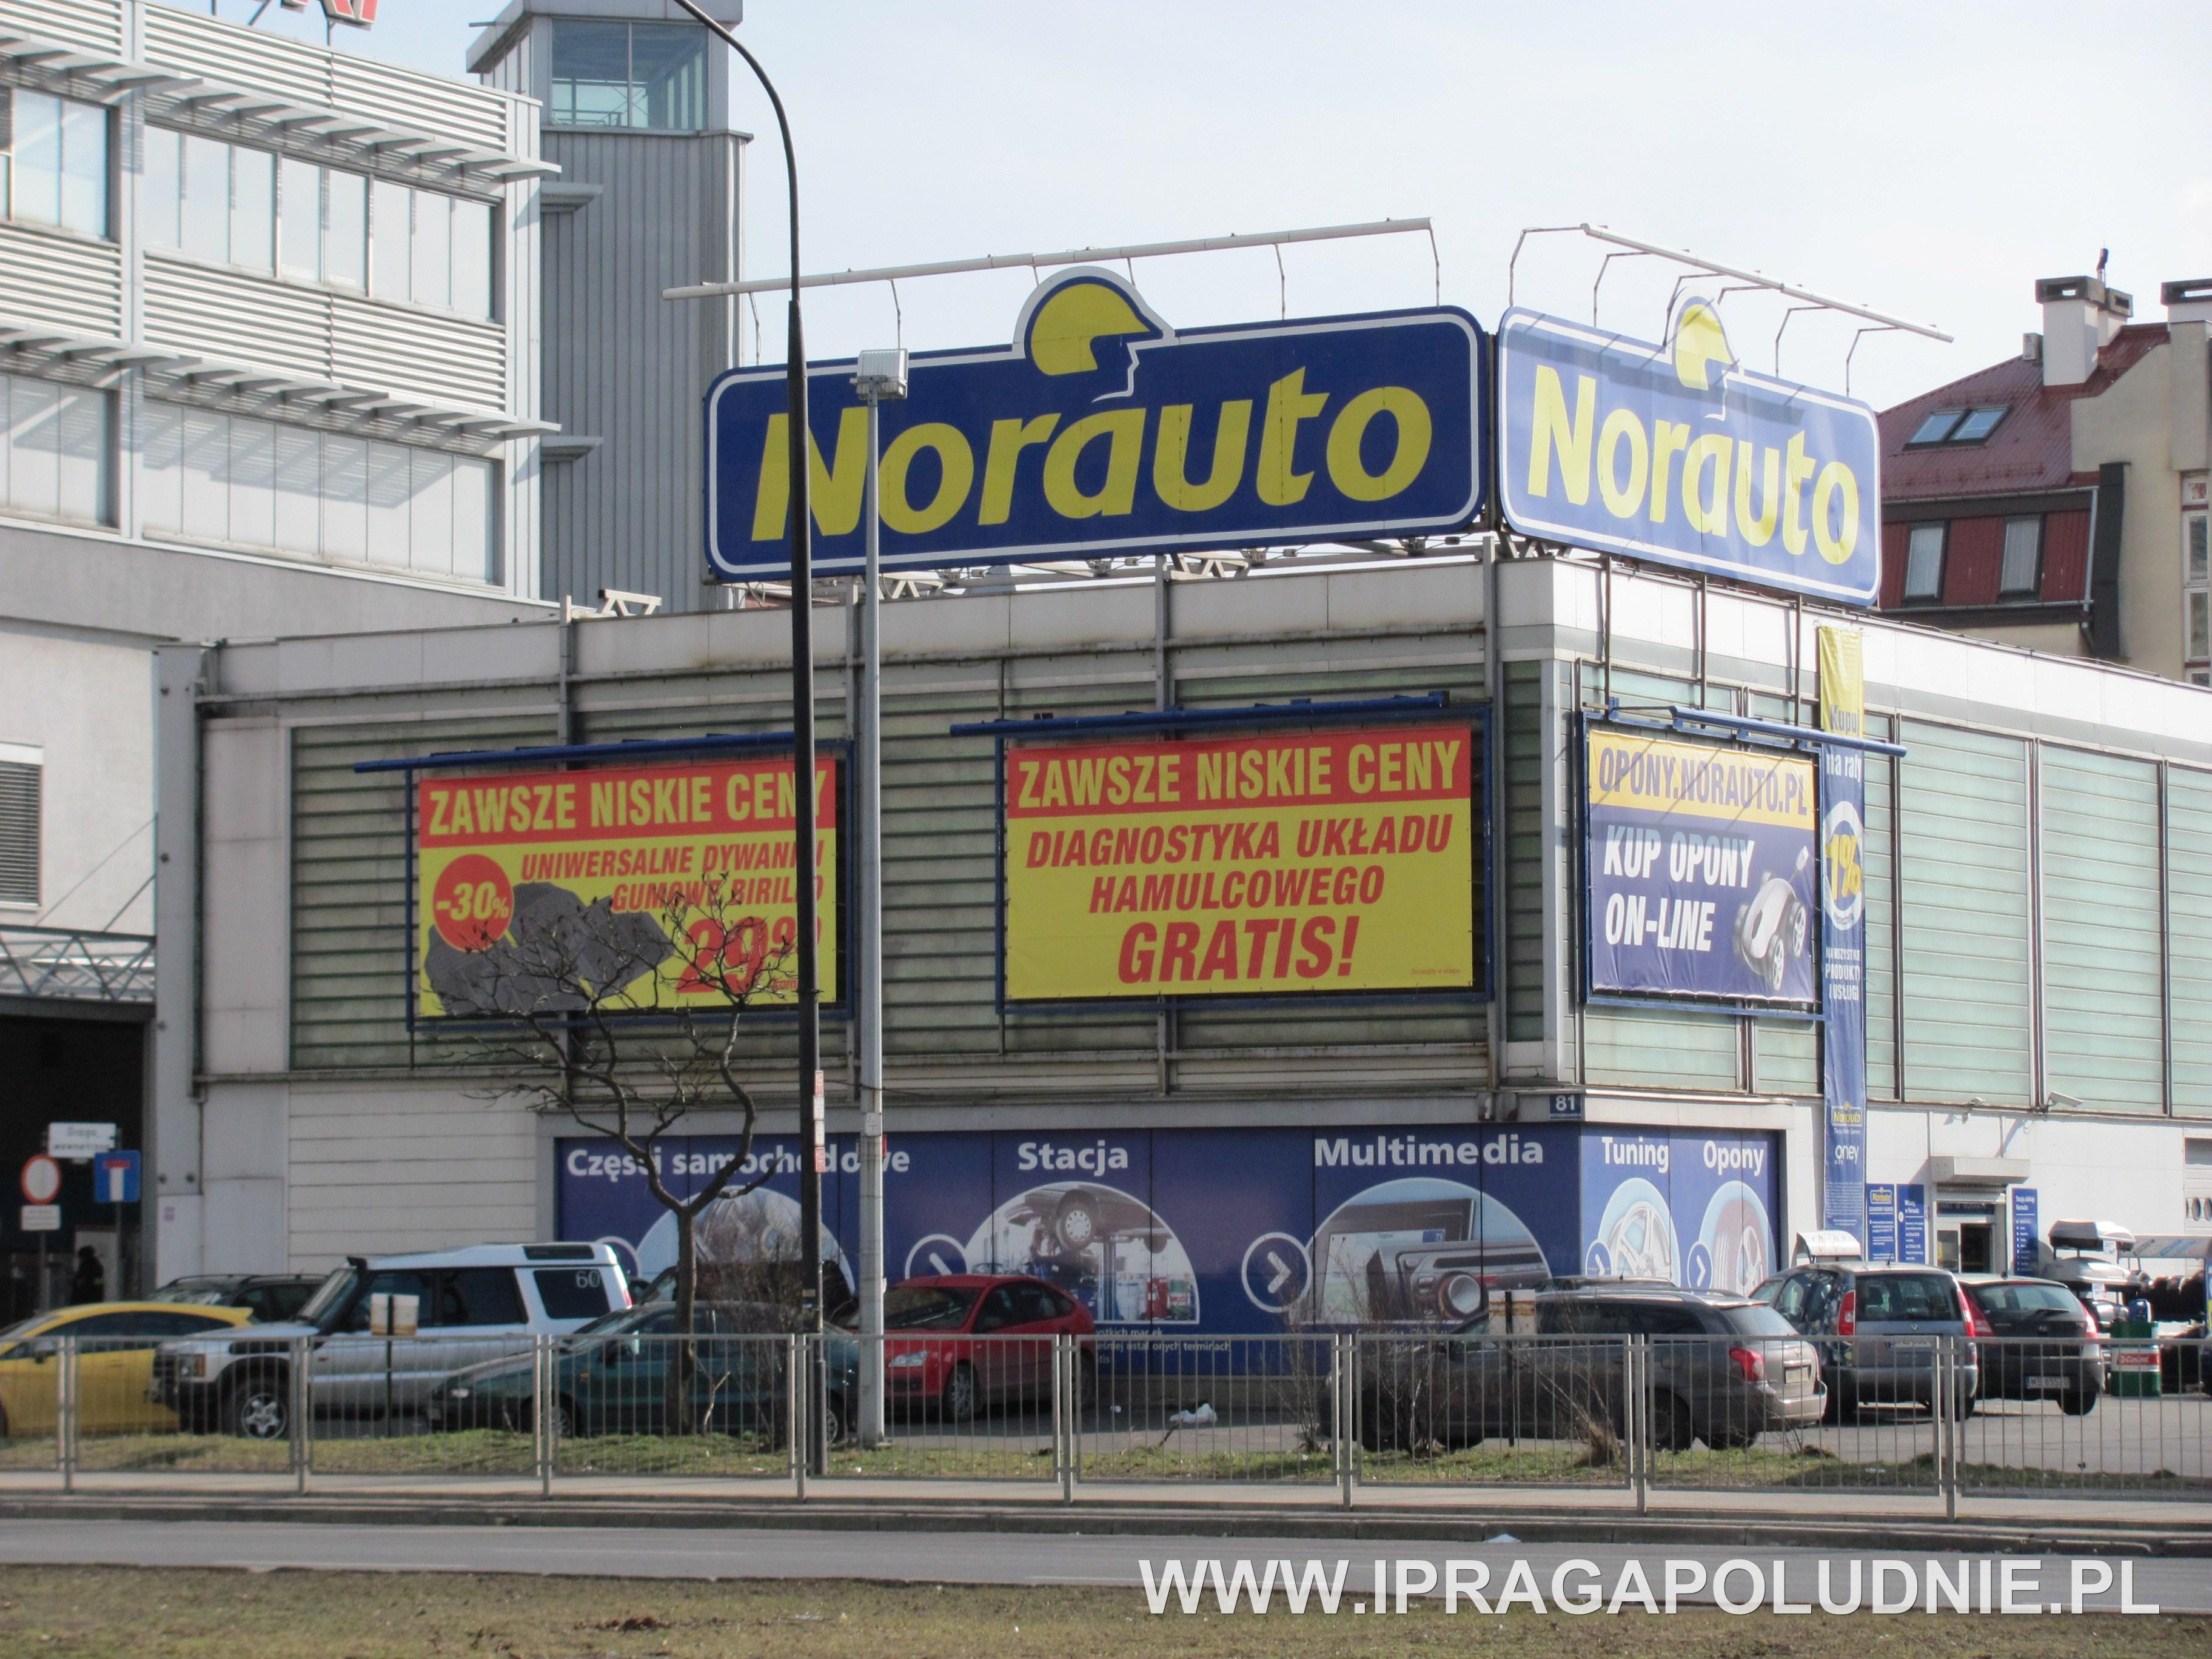 Norauto Sklep Motoryzacyjny - adres, telefon, www | Sklepy Warszawa Praga Południe  Warszawa Praga Południe